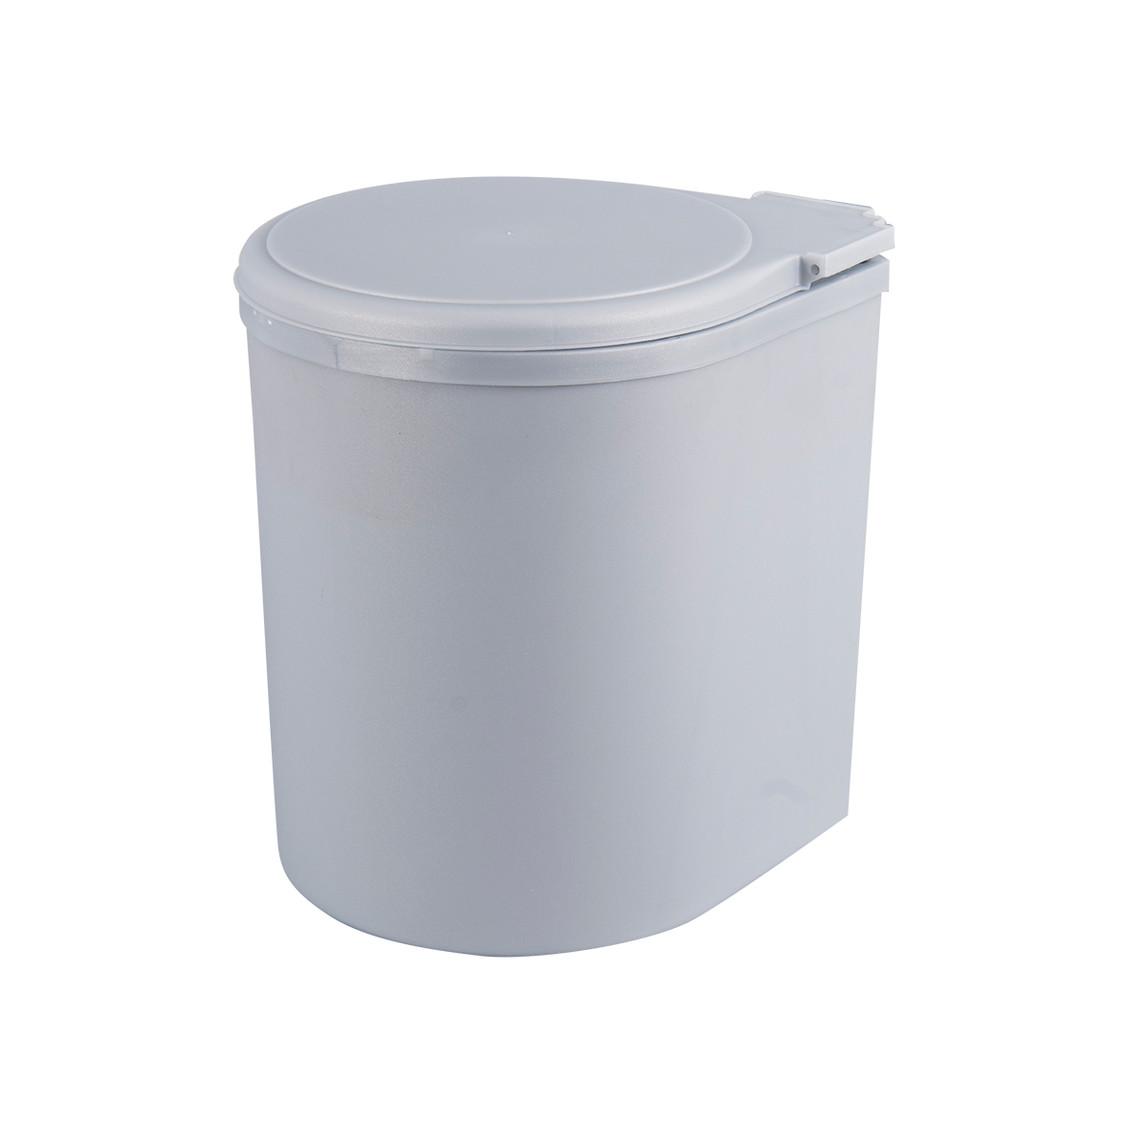 Pelikan 81515 Dolap İçi Çöp Kovası 13 lt